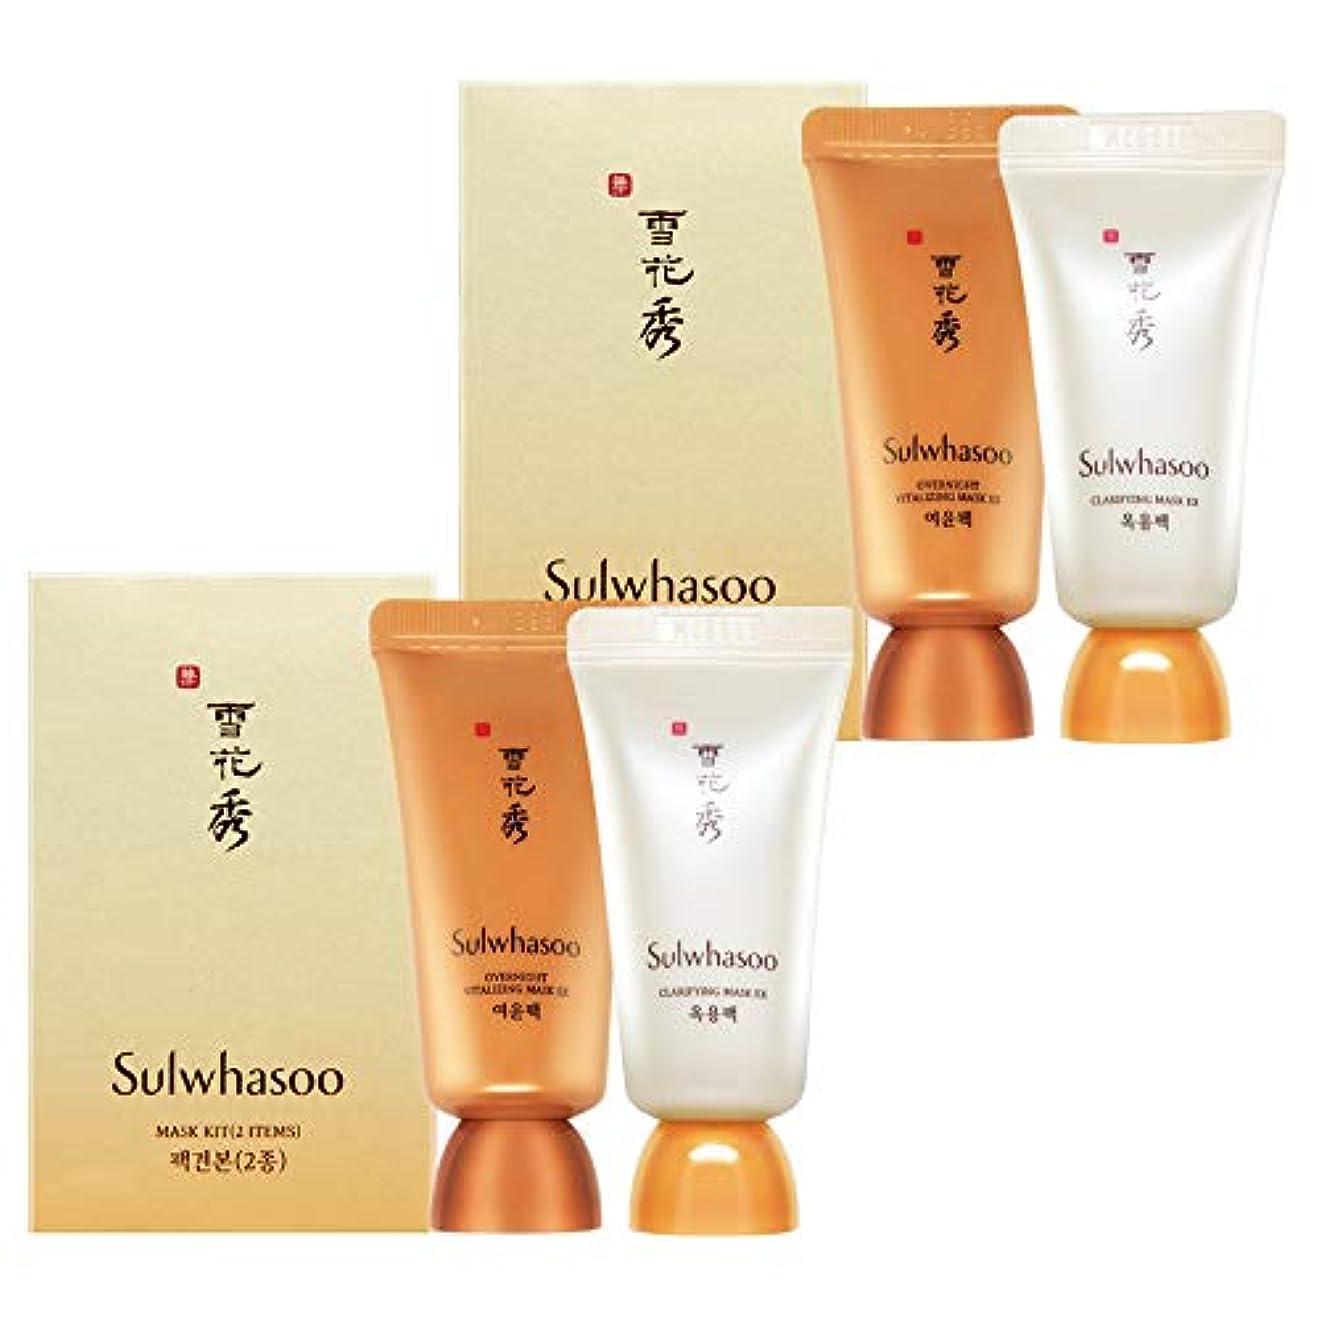 程度ハンドブック起業家[Sulwhasoo] ソルファス オギョンパック ヨユンパック 15ml×2本×2箱(Mask Kit(2 Iteams) 1+1)